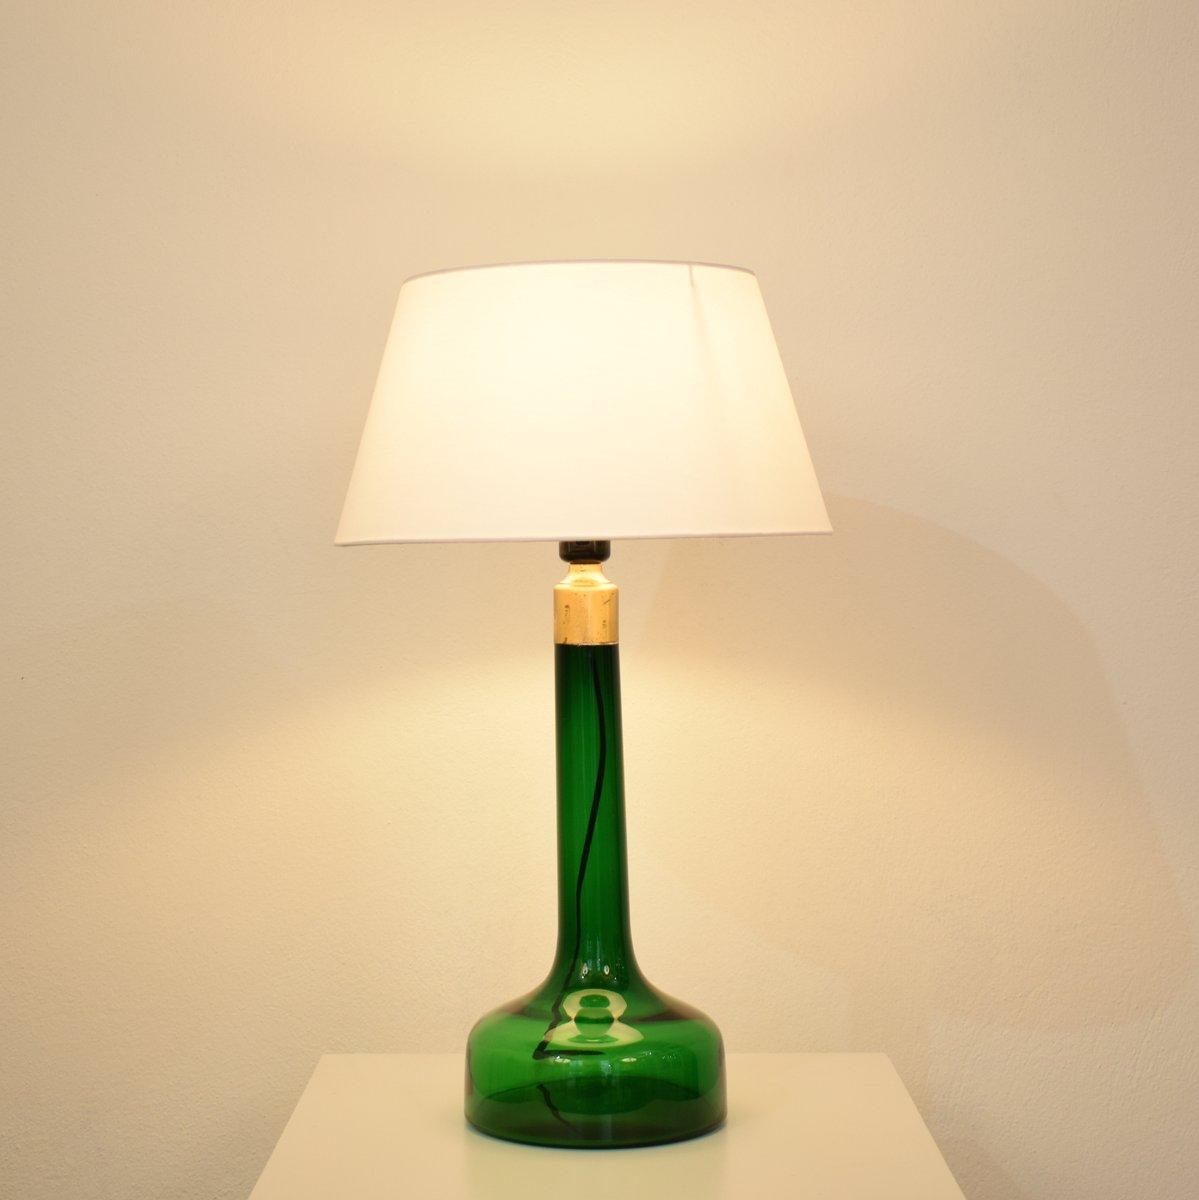 franz sische mid century tischlampe mit gr nem glasfu. Black Bedroom Furniture Sets. Home Design Ideas